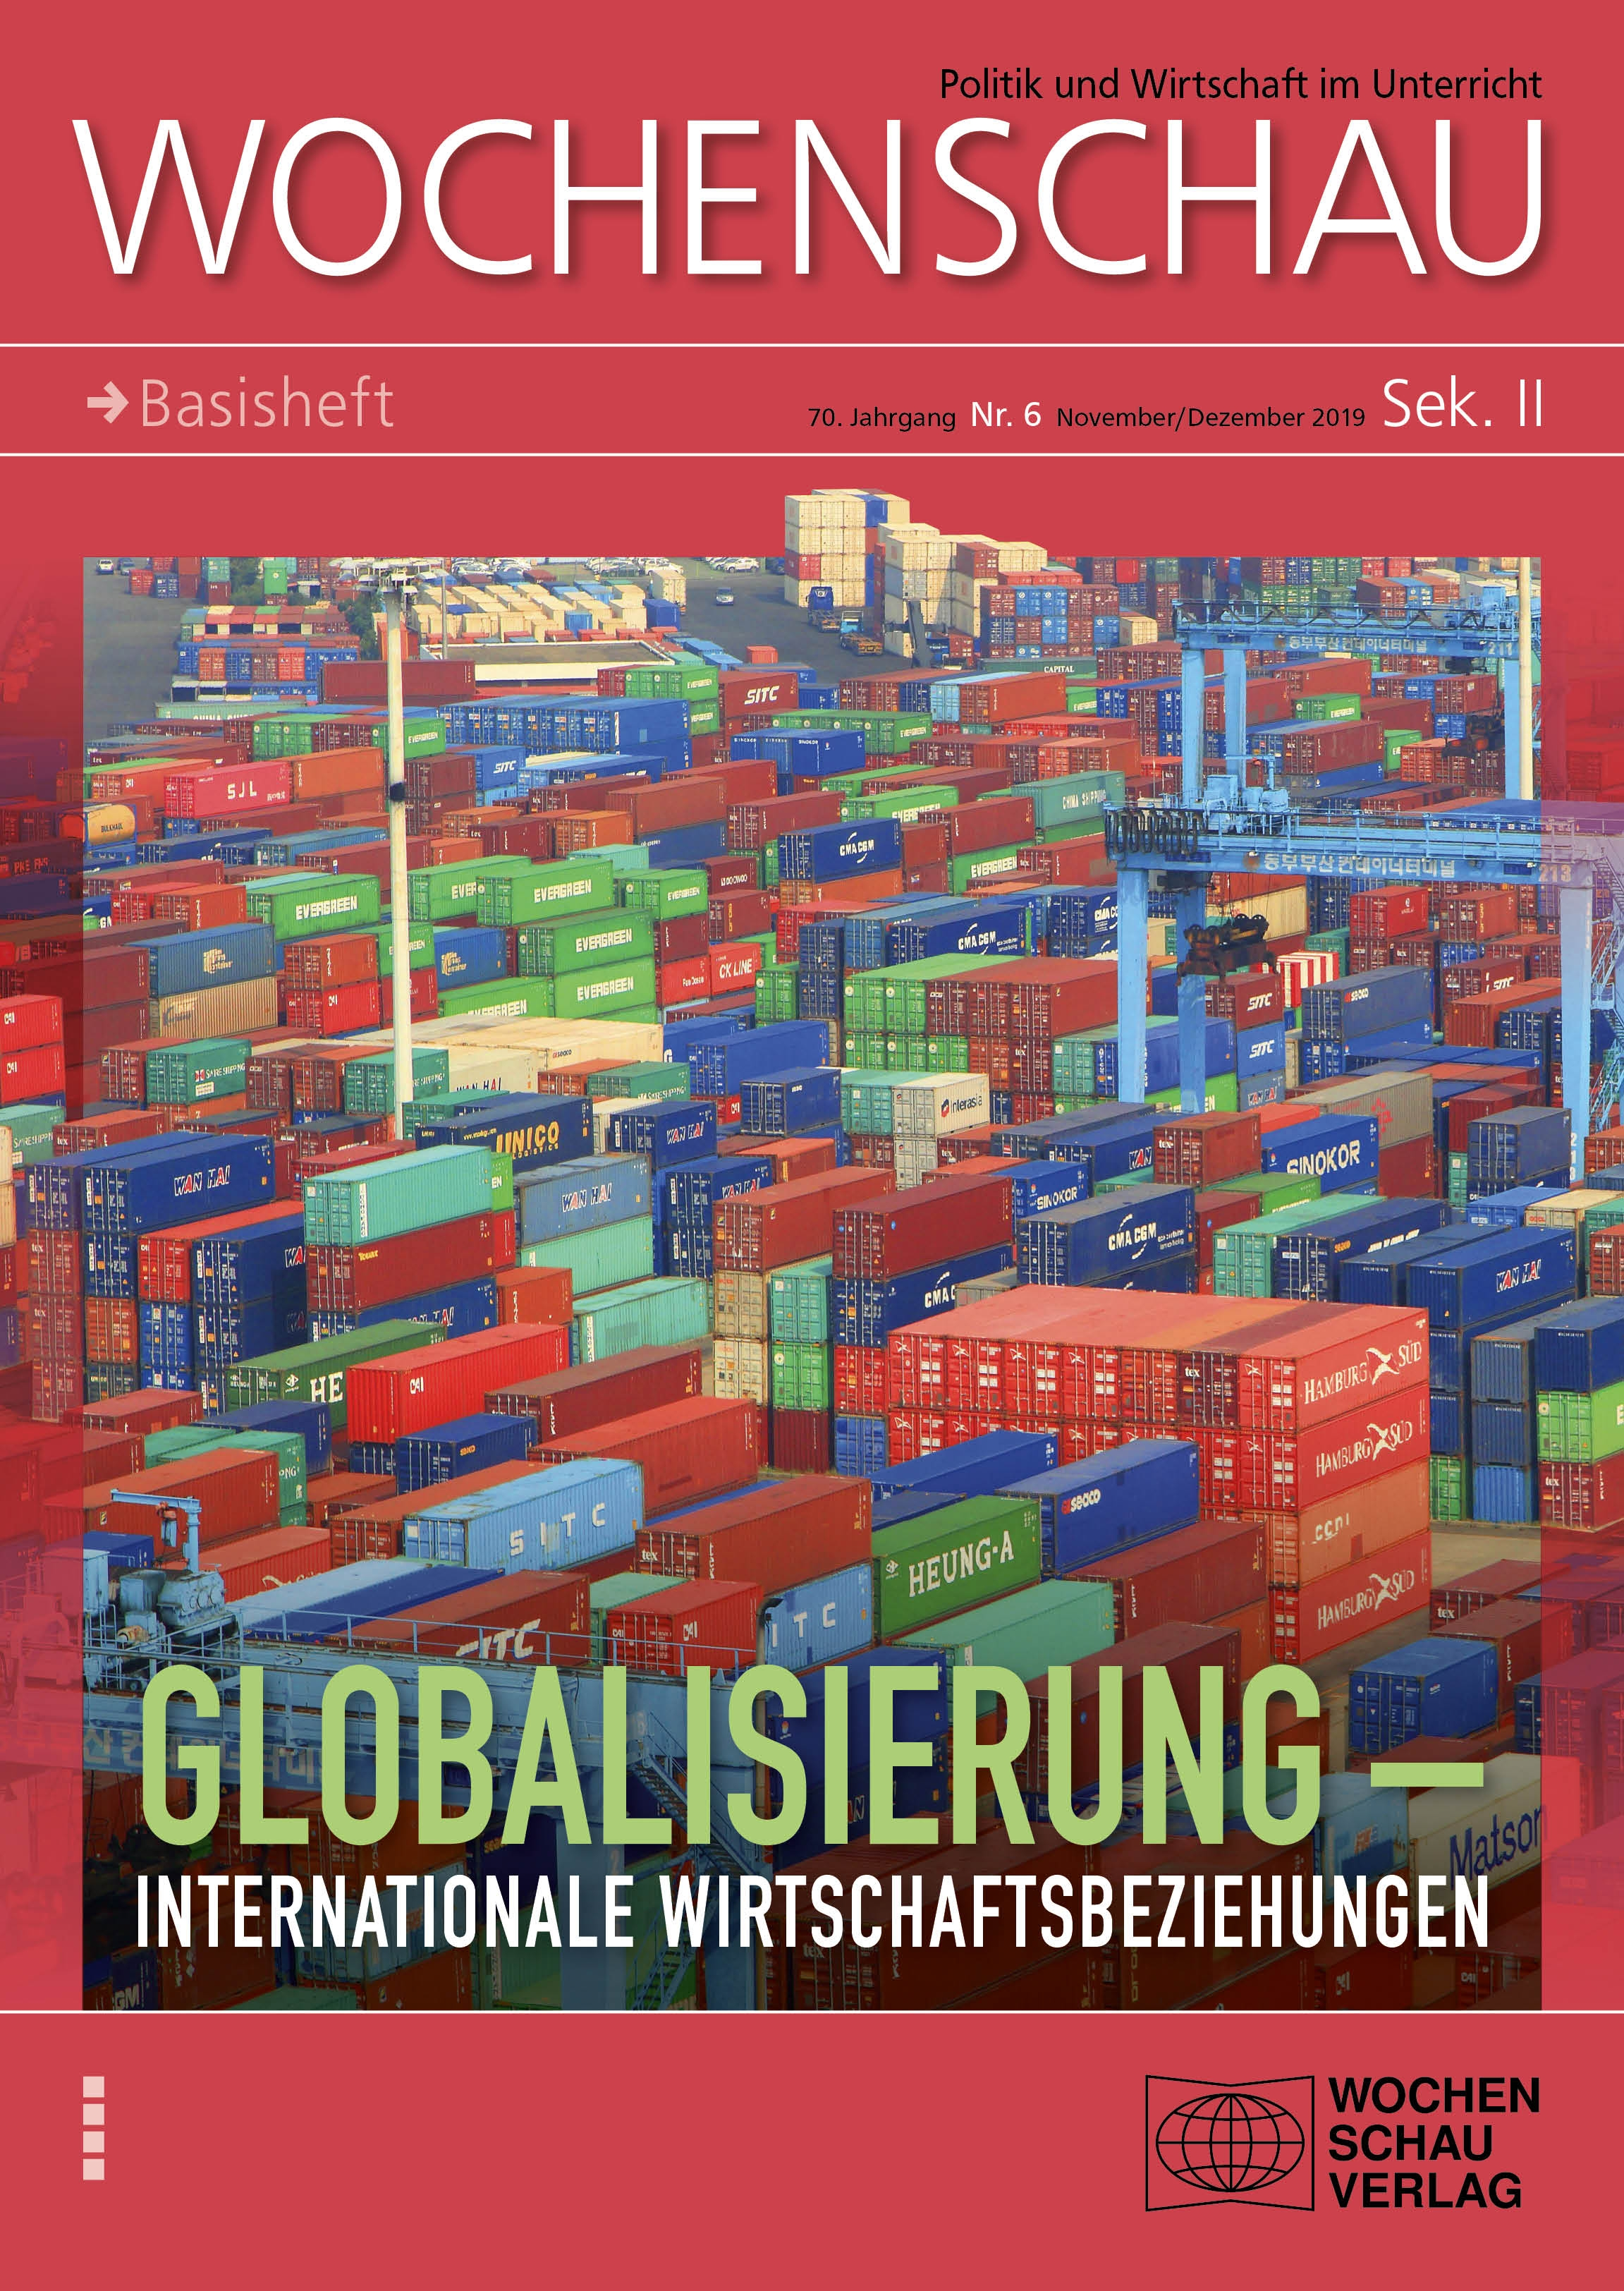 Globaslisierung, Wirtschaft, Handel, WTO, G20, China, USA, Russland, BRICS, neue Seidenstraße, Protektionismus, Freihandel